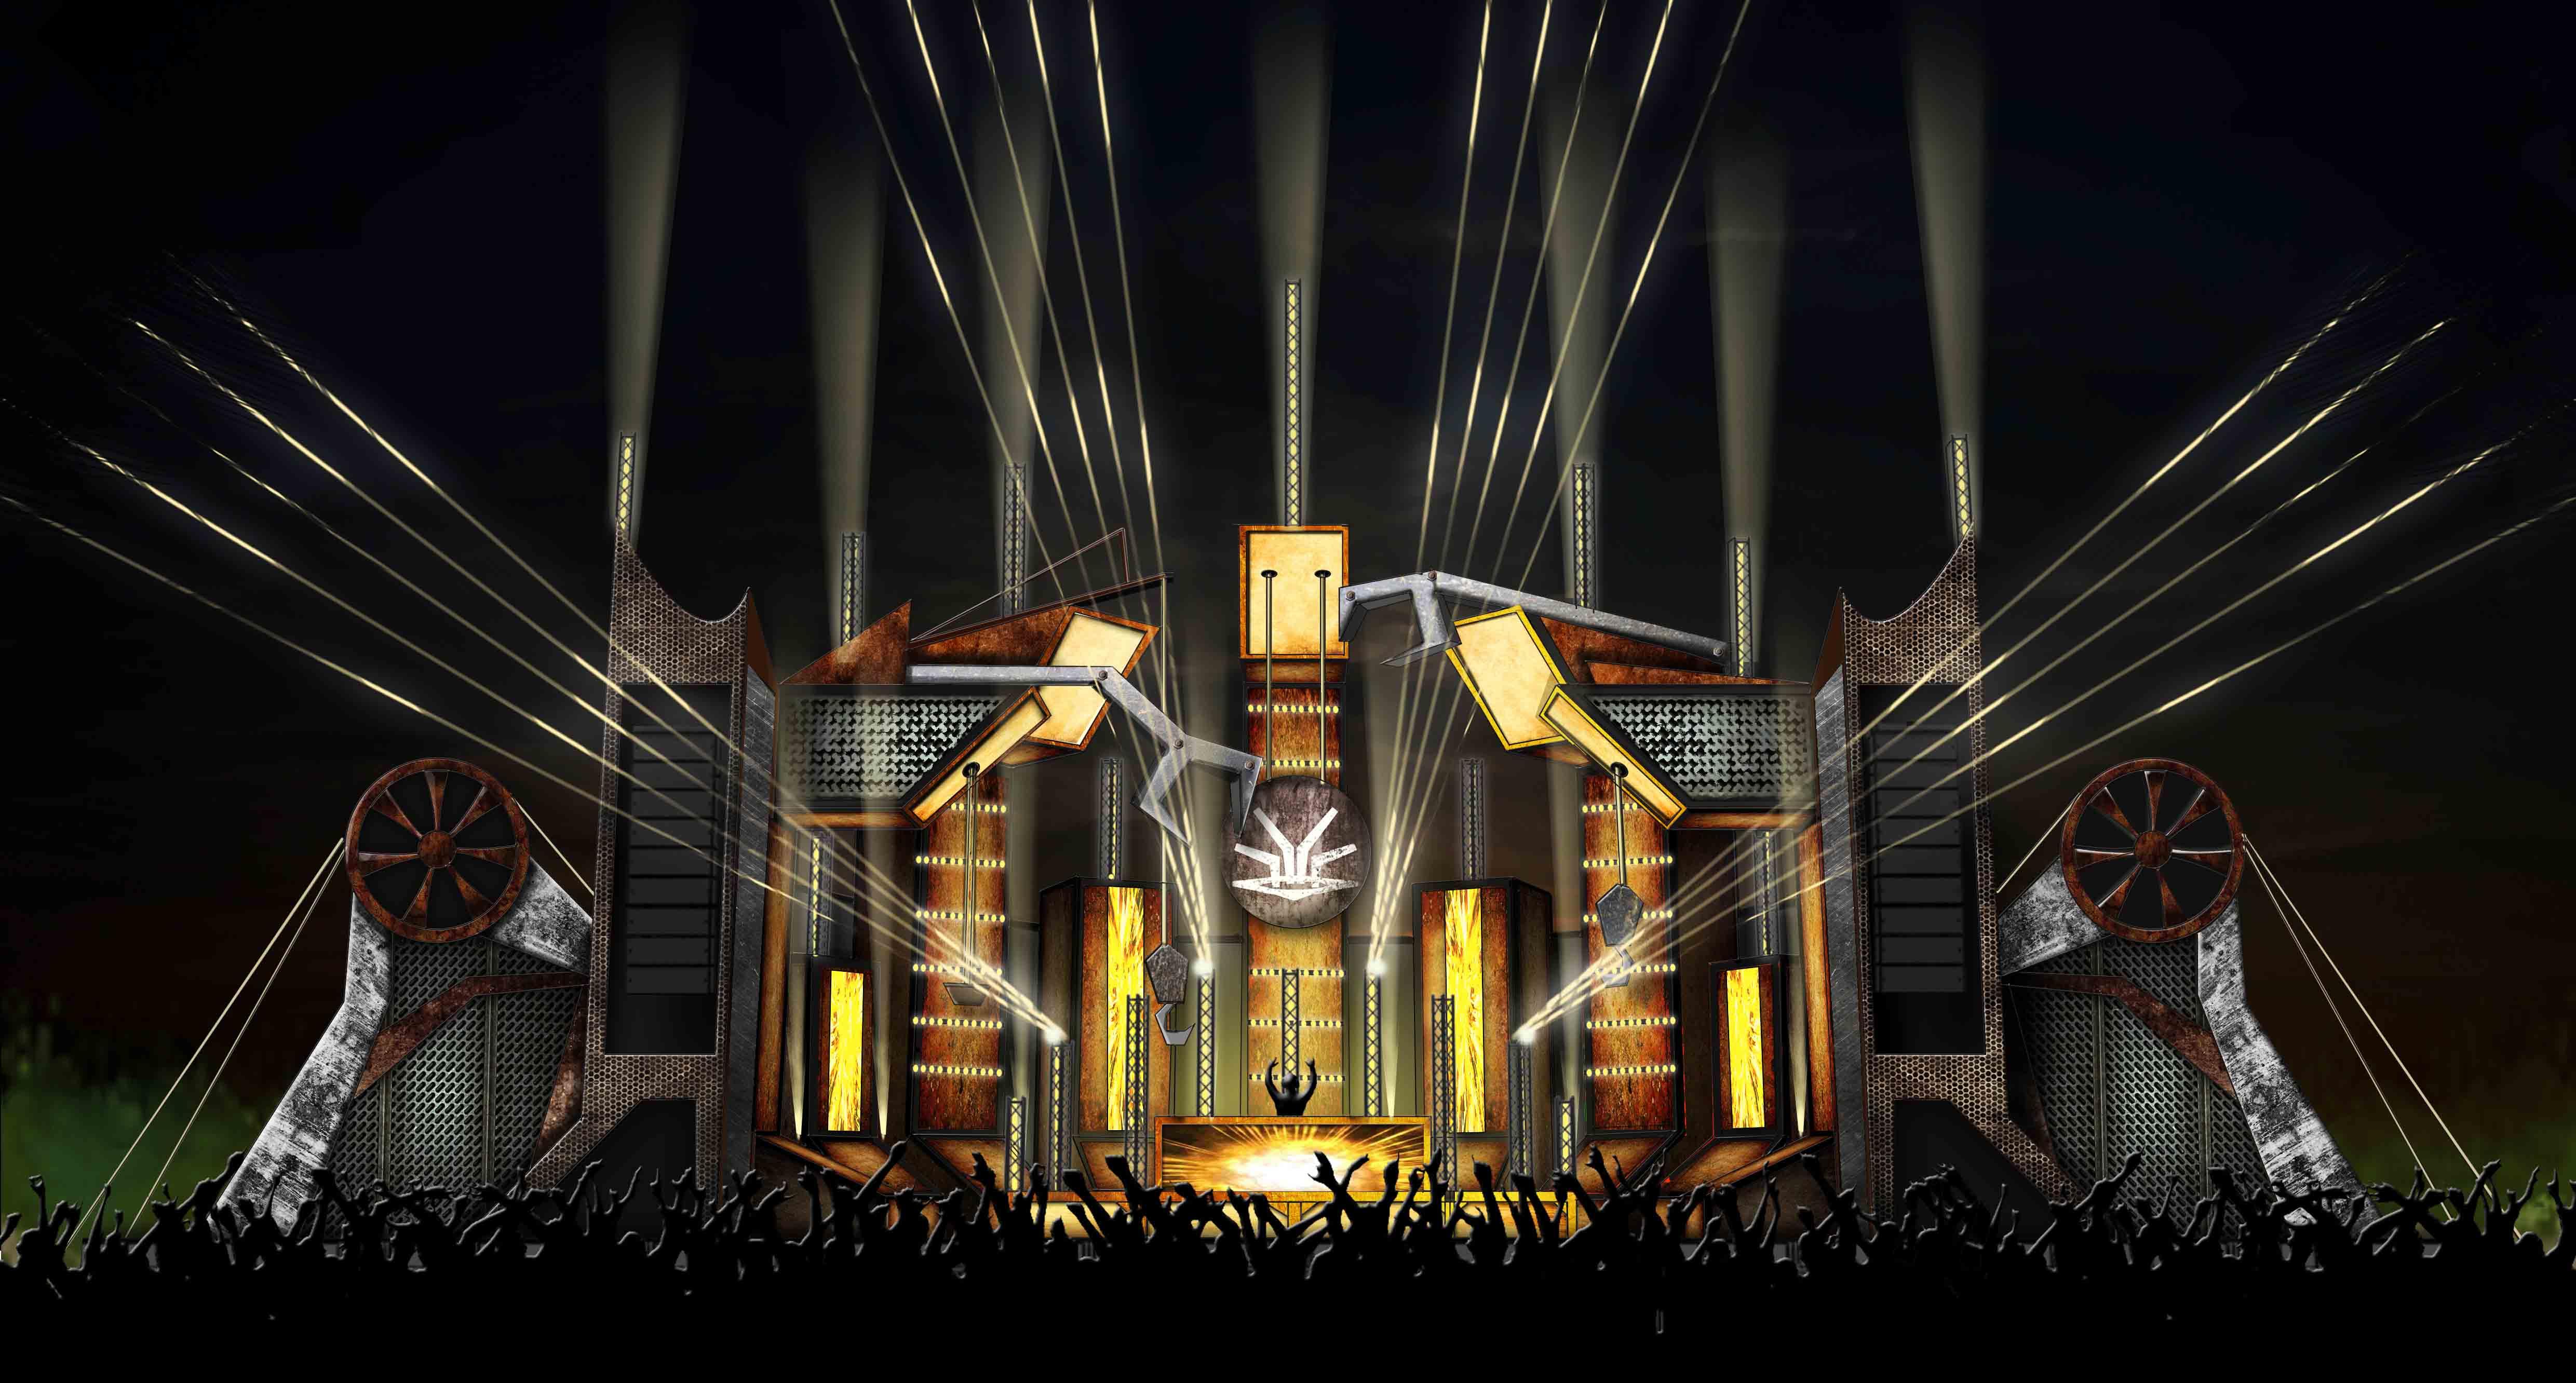 Dreamvillage 2018 – Mainstage design